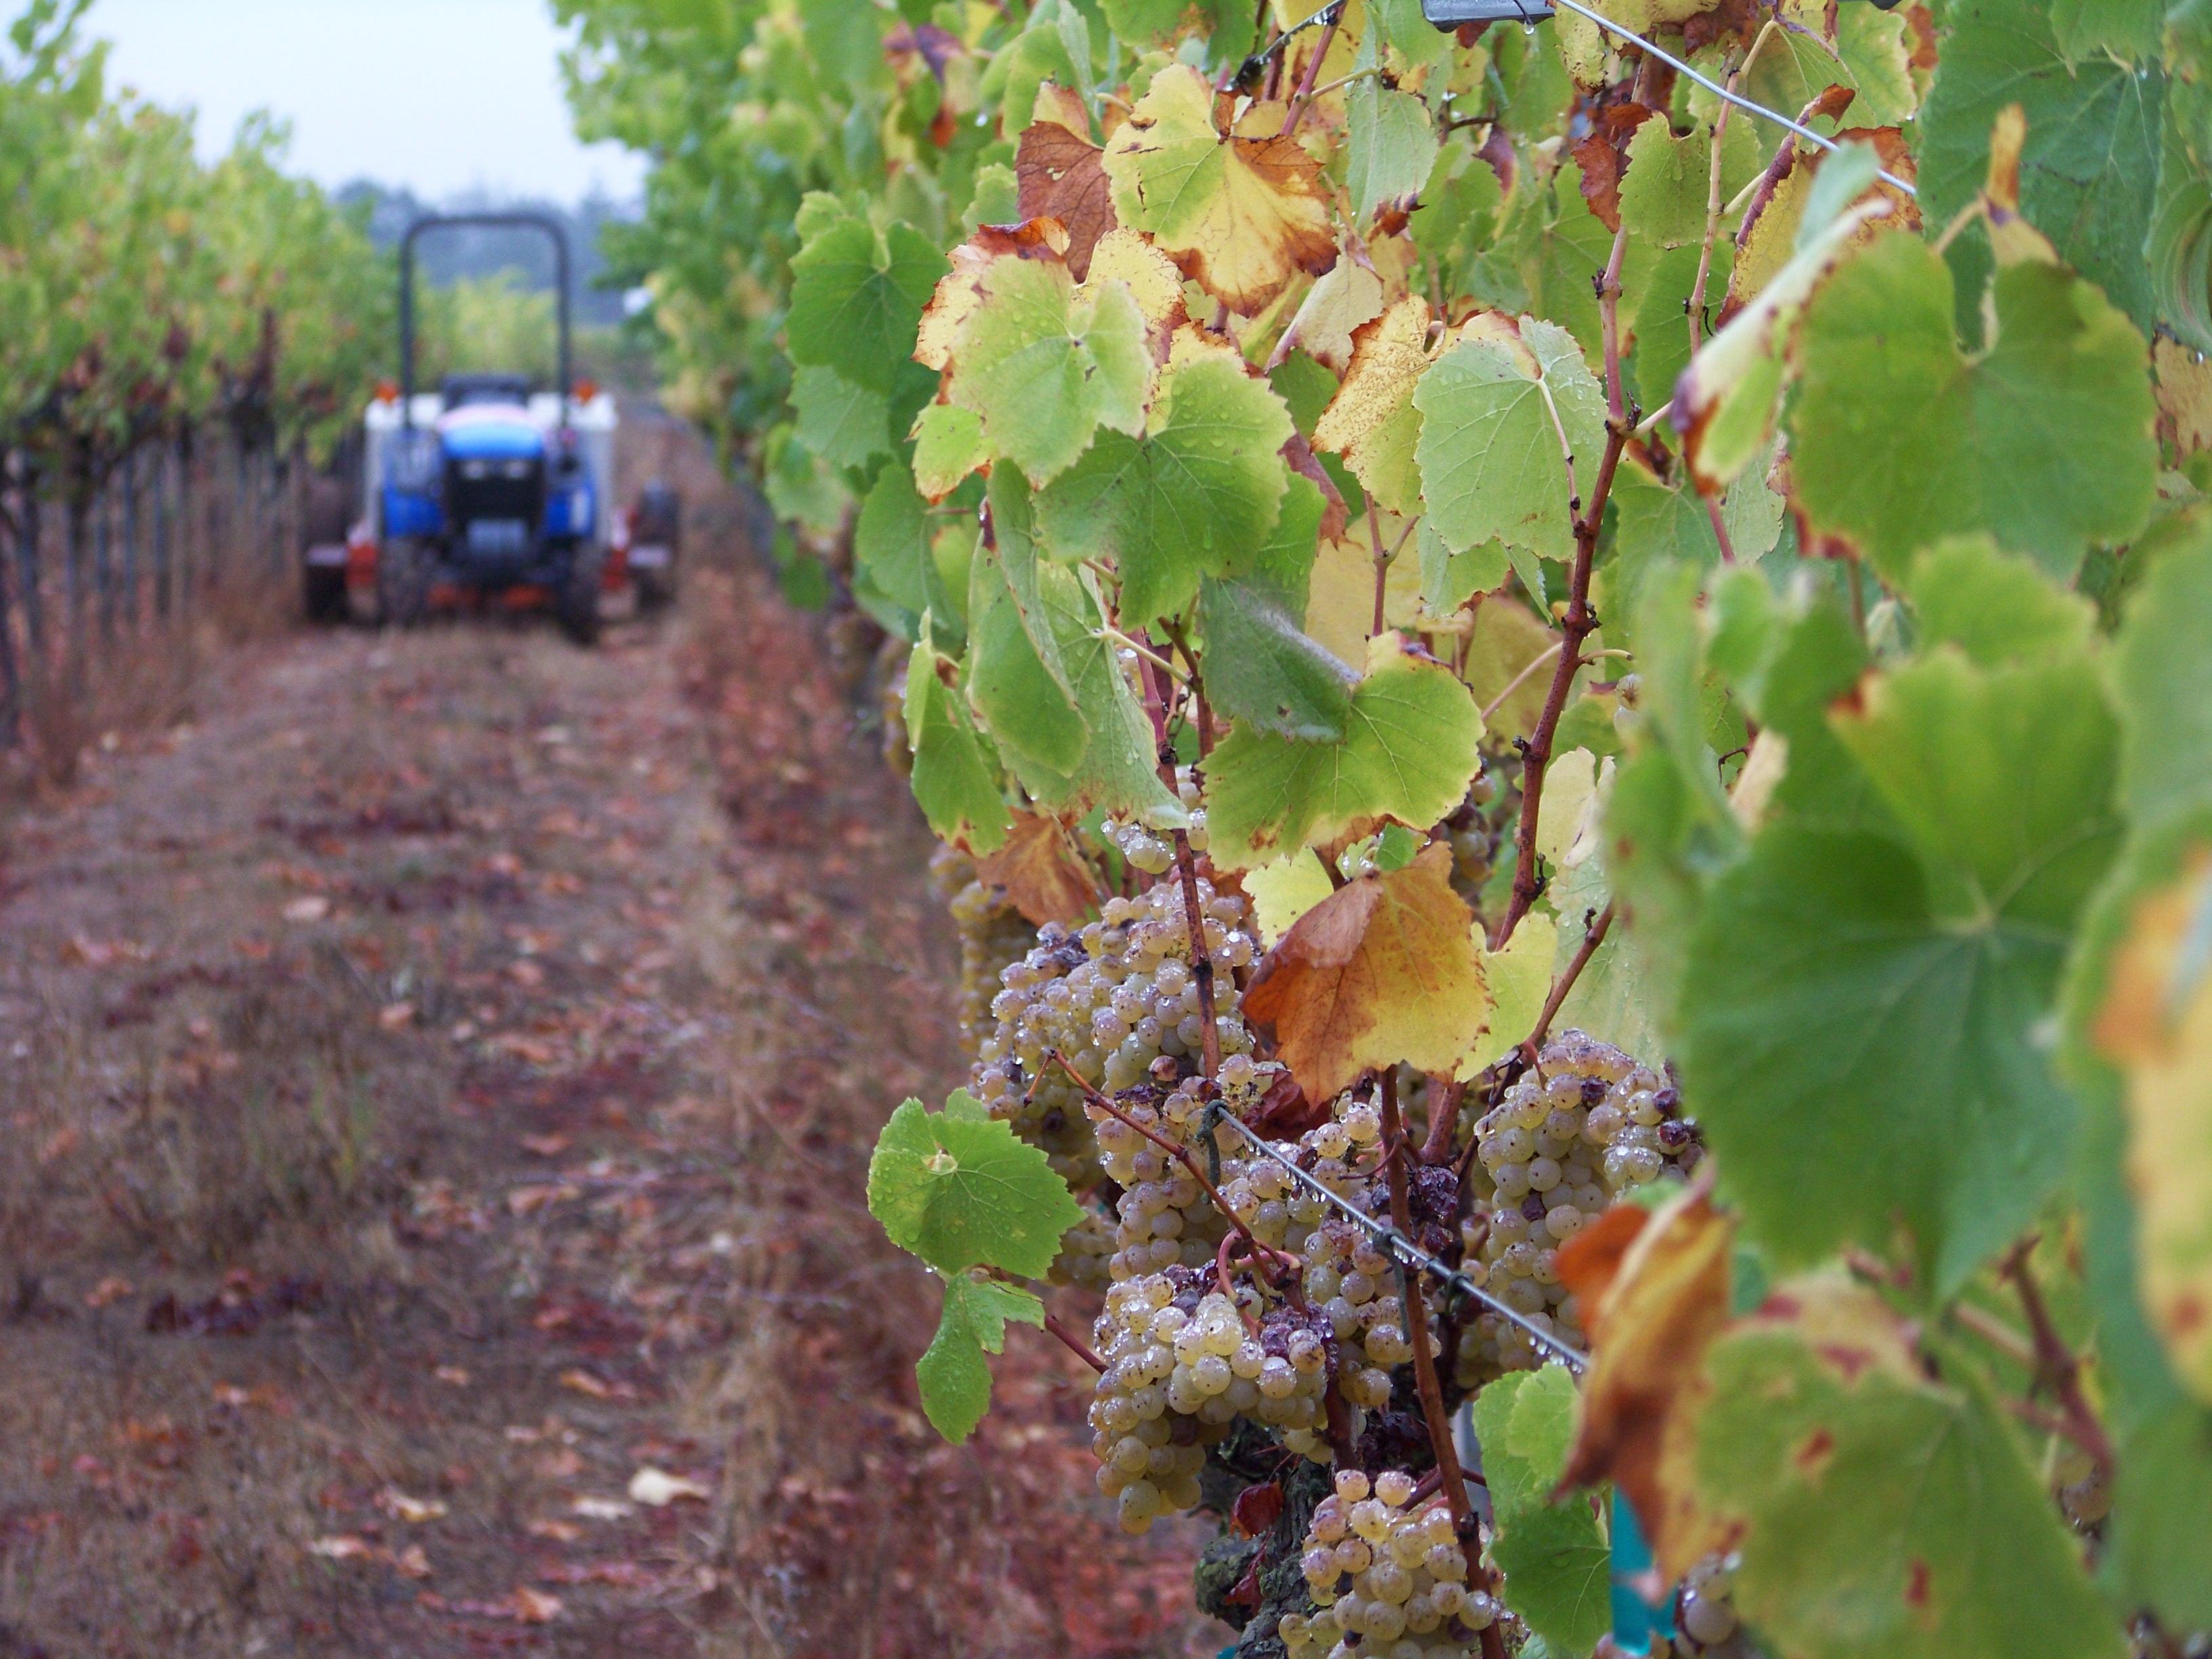 Tractor & Vines